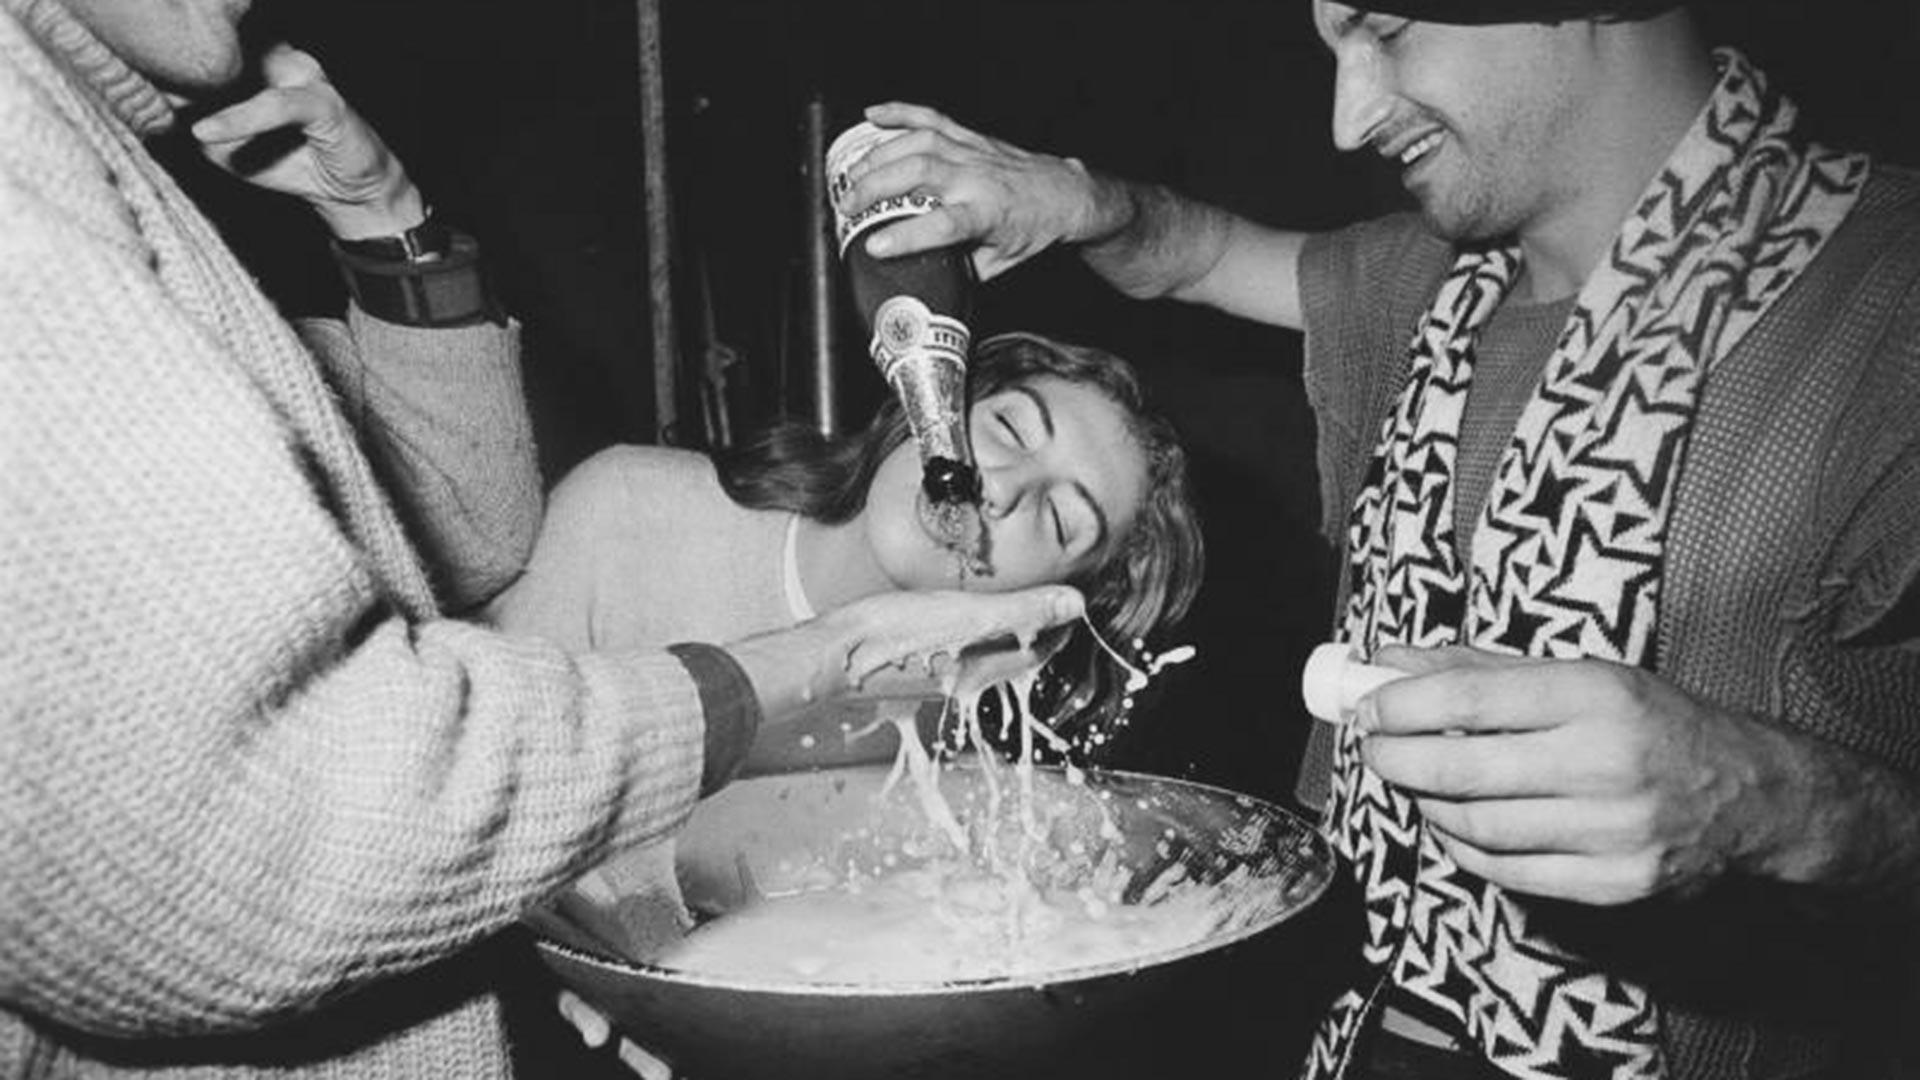 Foto scattata alla festa per il 31º compleanno dell'artista, attore e musicista German Vinogradov nel 1988